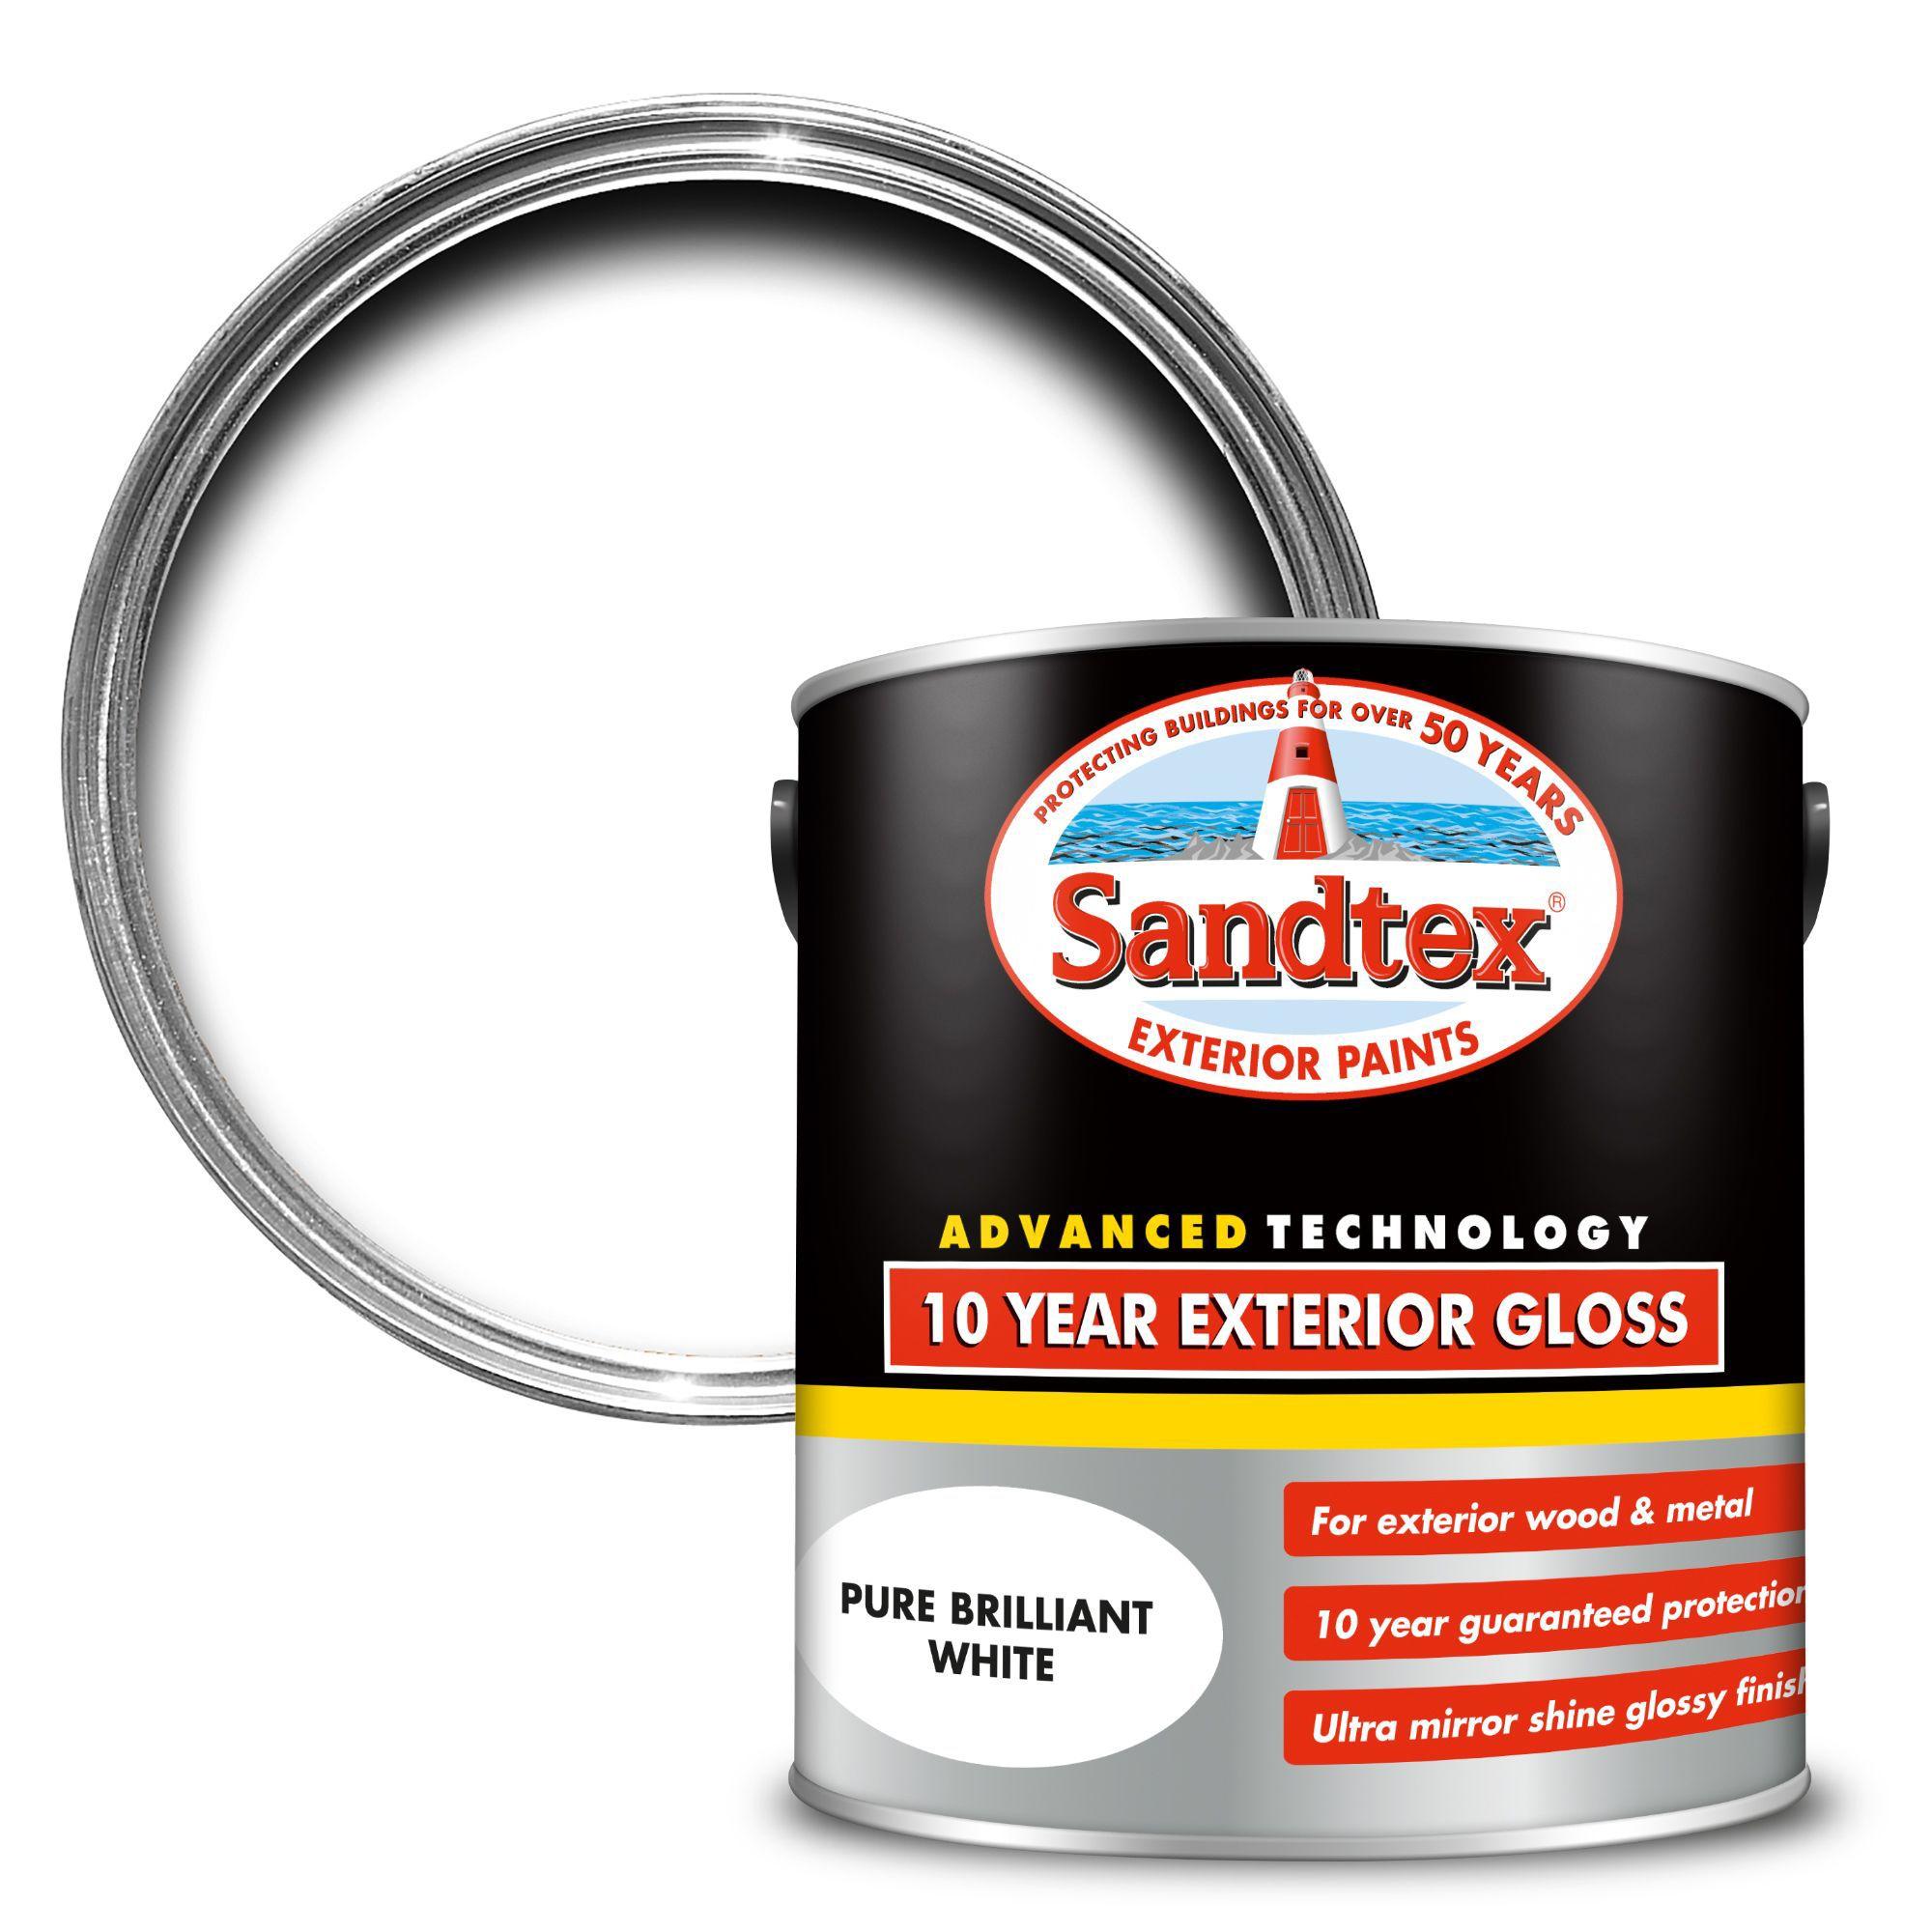 Diy at b q for Sandtex 10 year exterior gloss